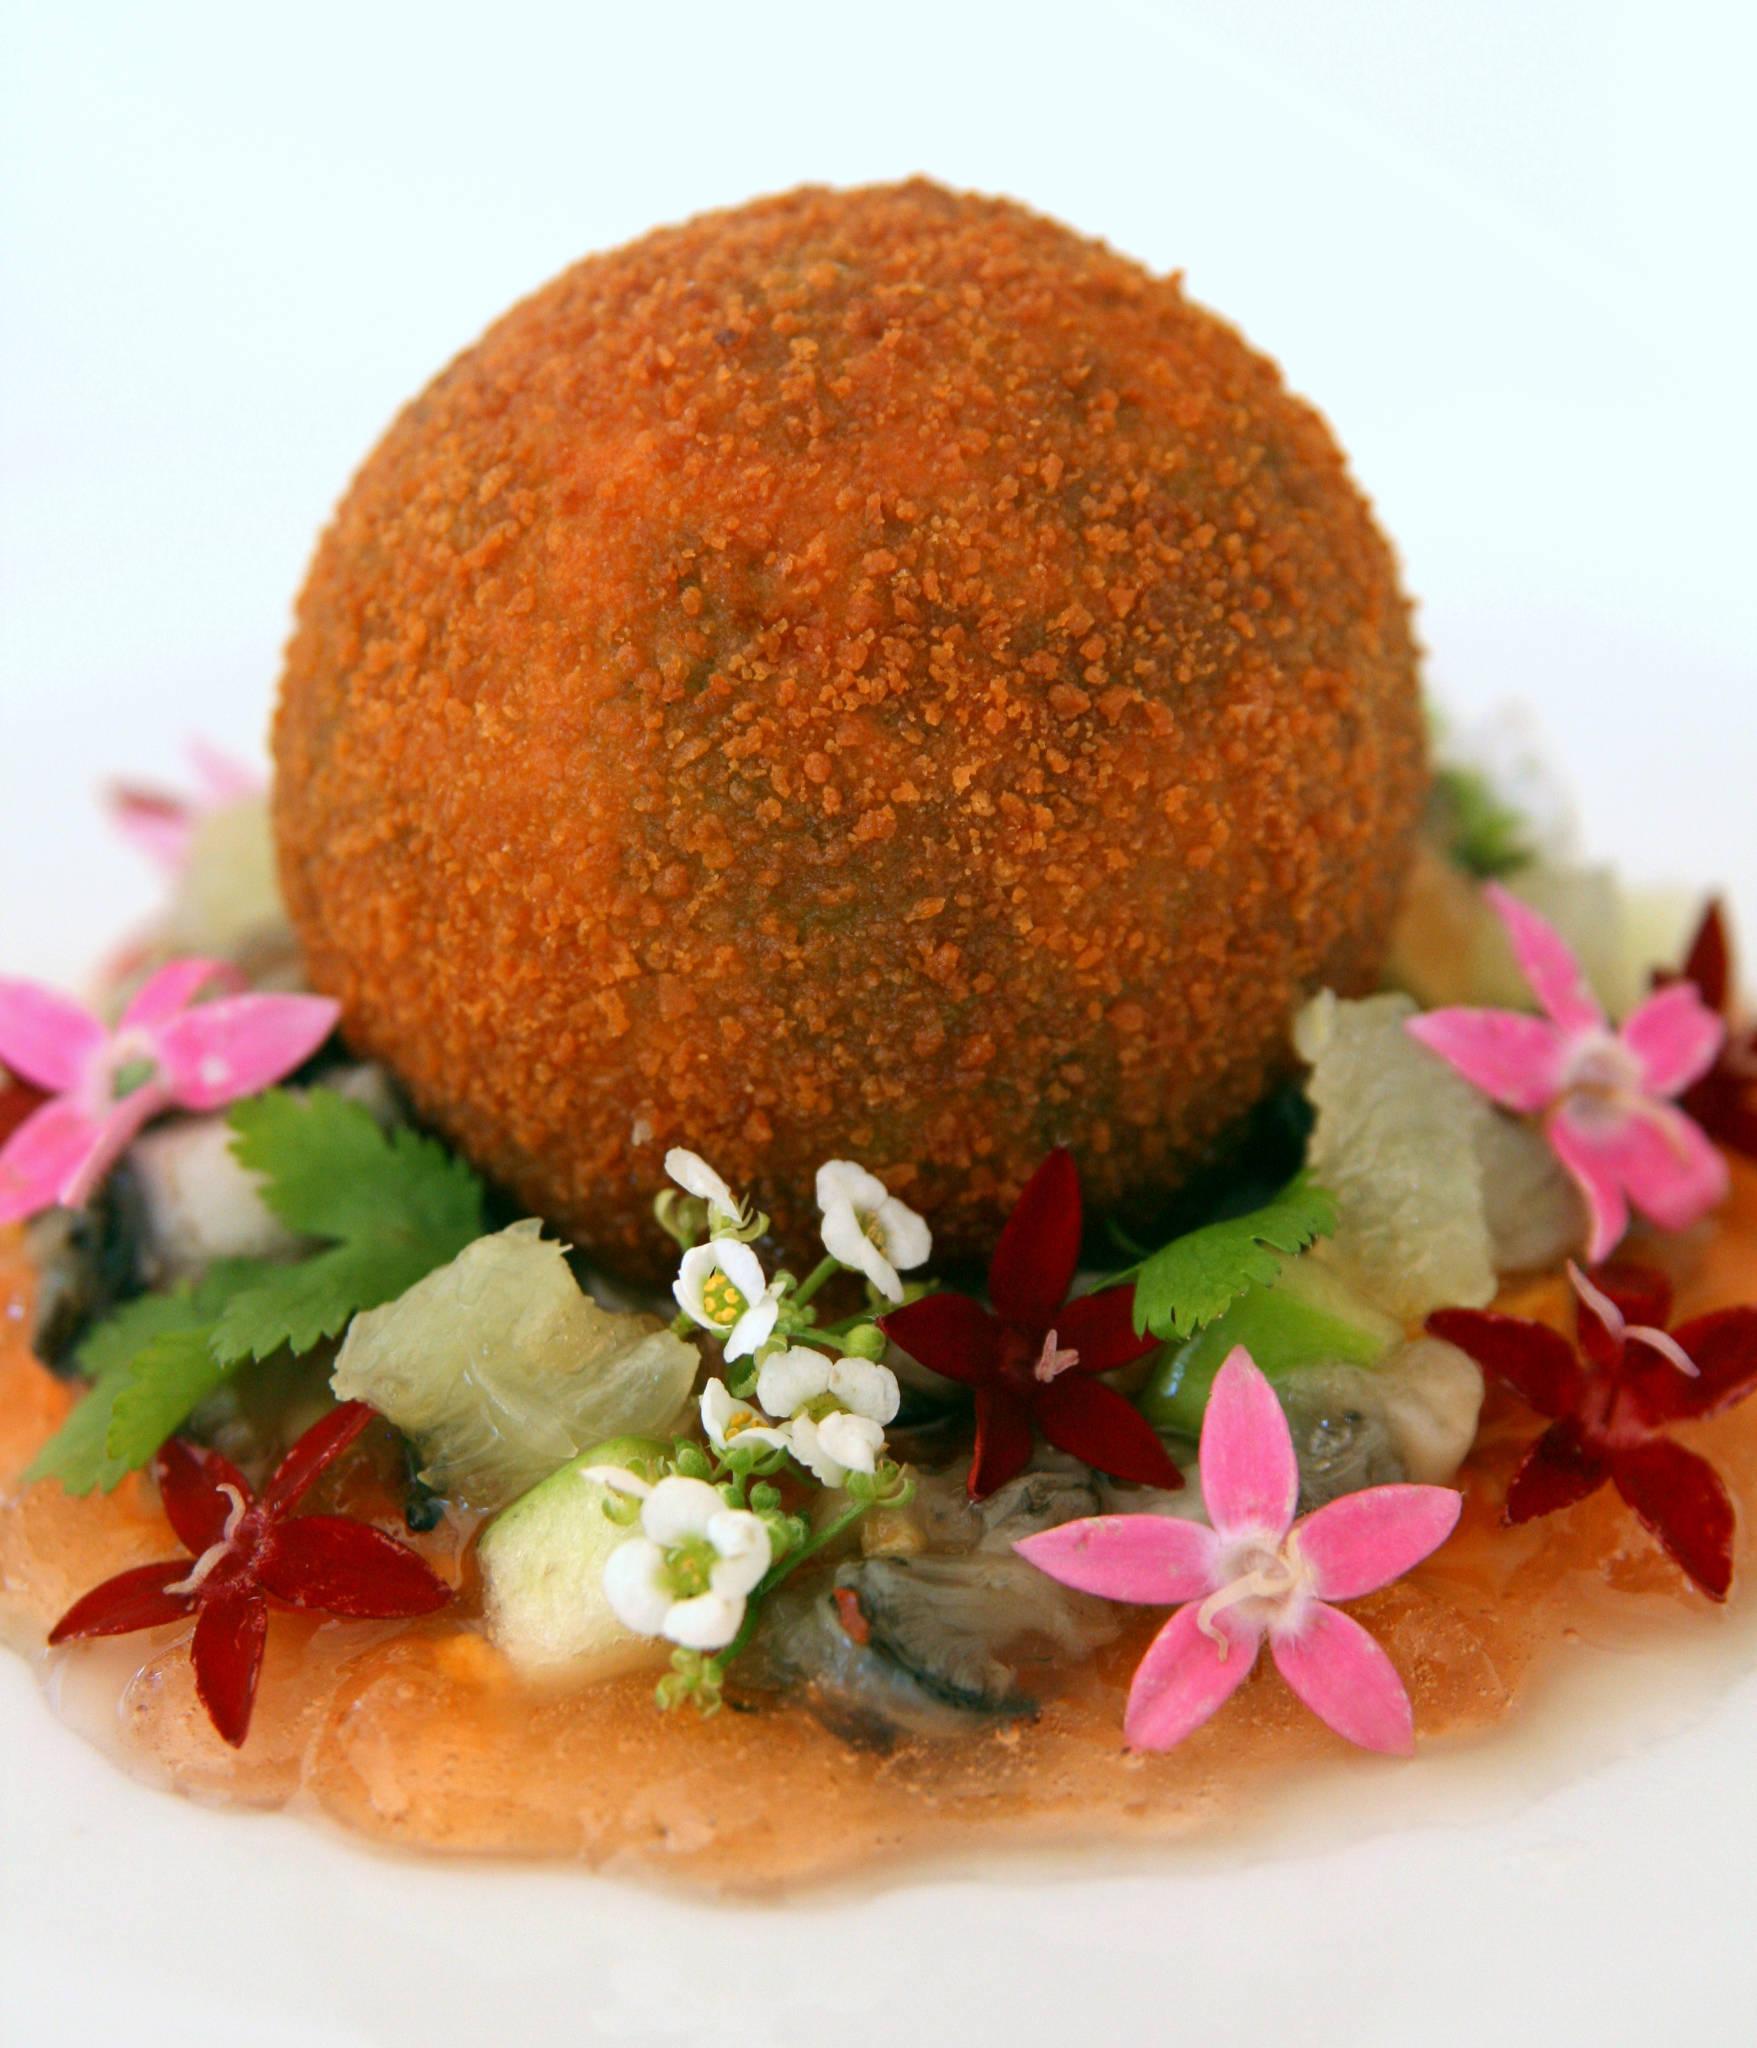 Trouver la perle - Cromesqui de moule à la coriandre sur un tartare d'huîtres et de moules, gelée de pomme à la rose